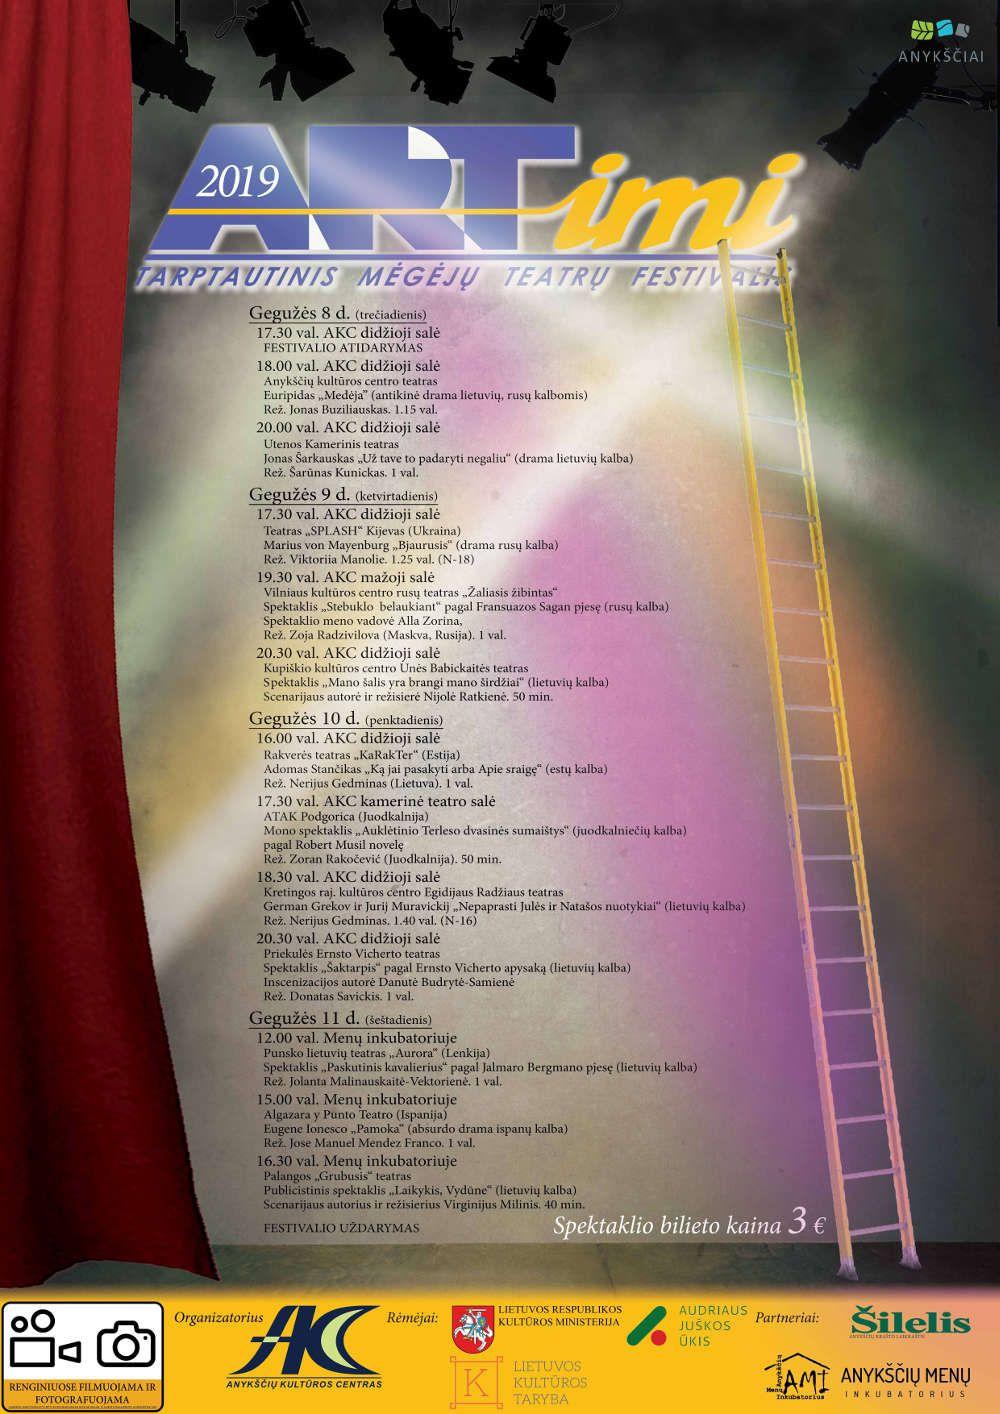 """Tarptautinis mėgėjų teatrų festivalis """"ARTimi"""" (2019) / Publicistinis spektaklis """"Laikykis, Vydūne"""" / FESTIVALIO UŽDARYMAS"""